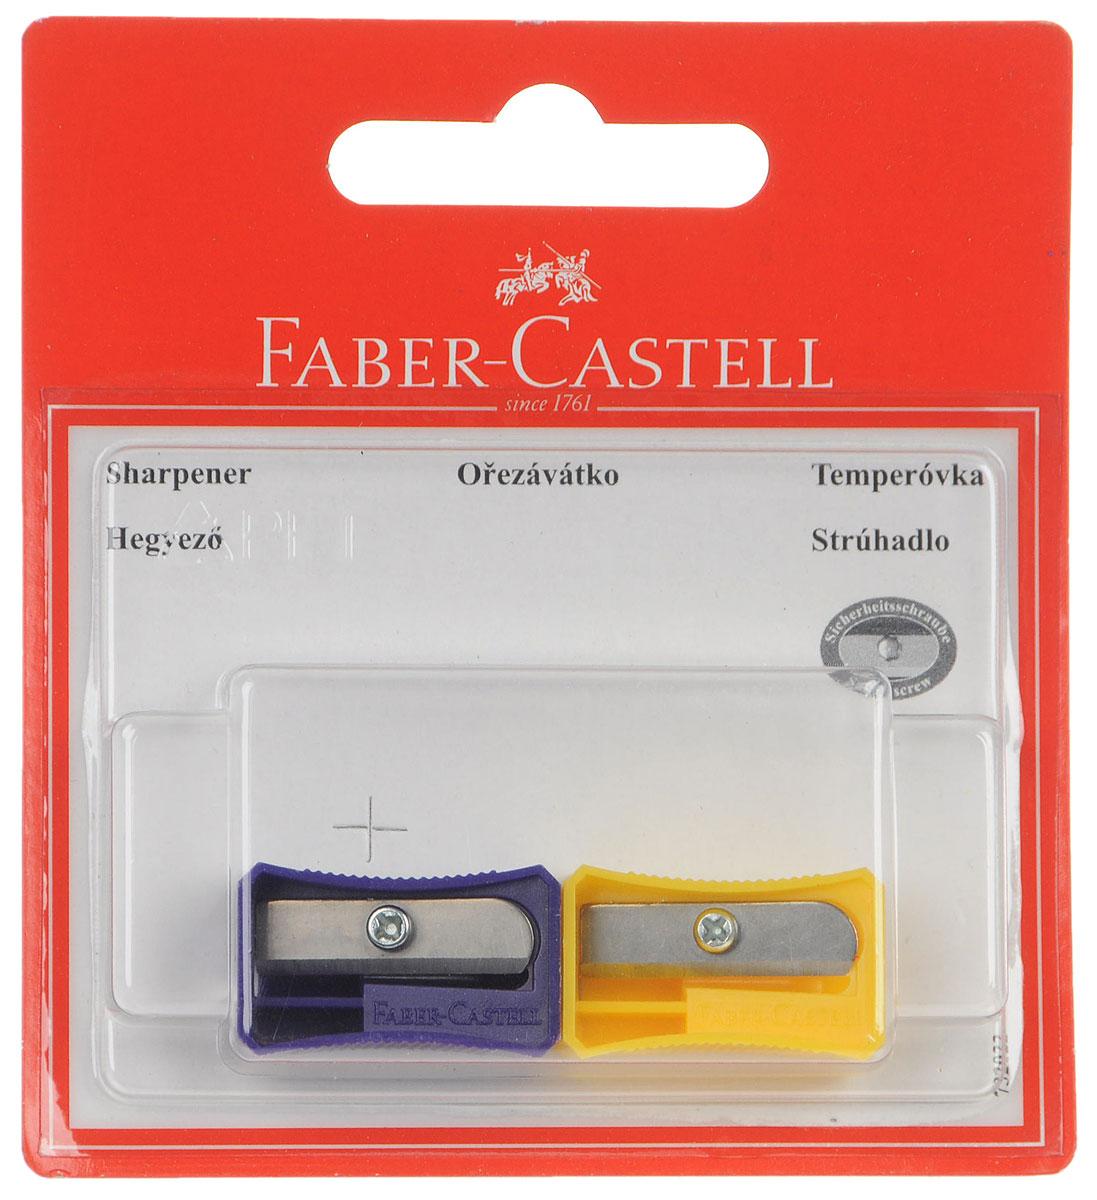 Точилка Faber-Castell предназначена для затачивания классических простых и цветных карандашей.В наборе две точилки из прочного пластика зеленого и розового цветов с рифленой областью захвата. Острые лезвия обеспечивают высококачественную и точную заточку деревянных карандашей.